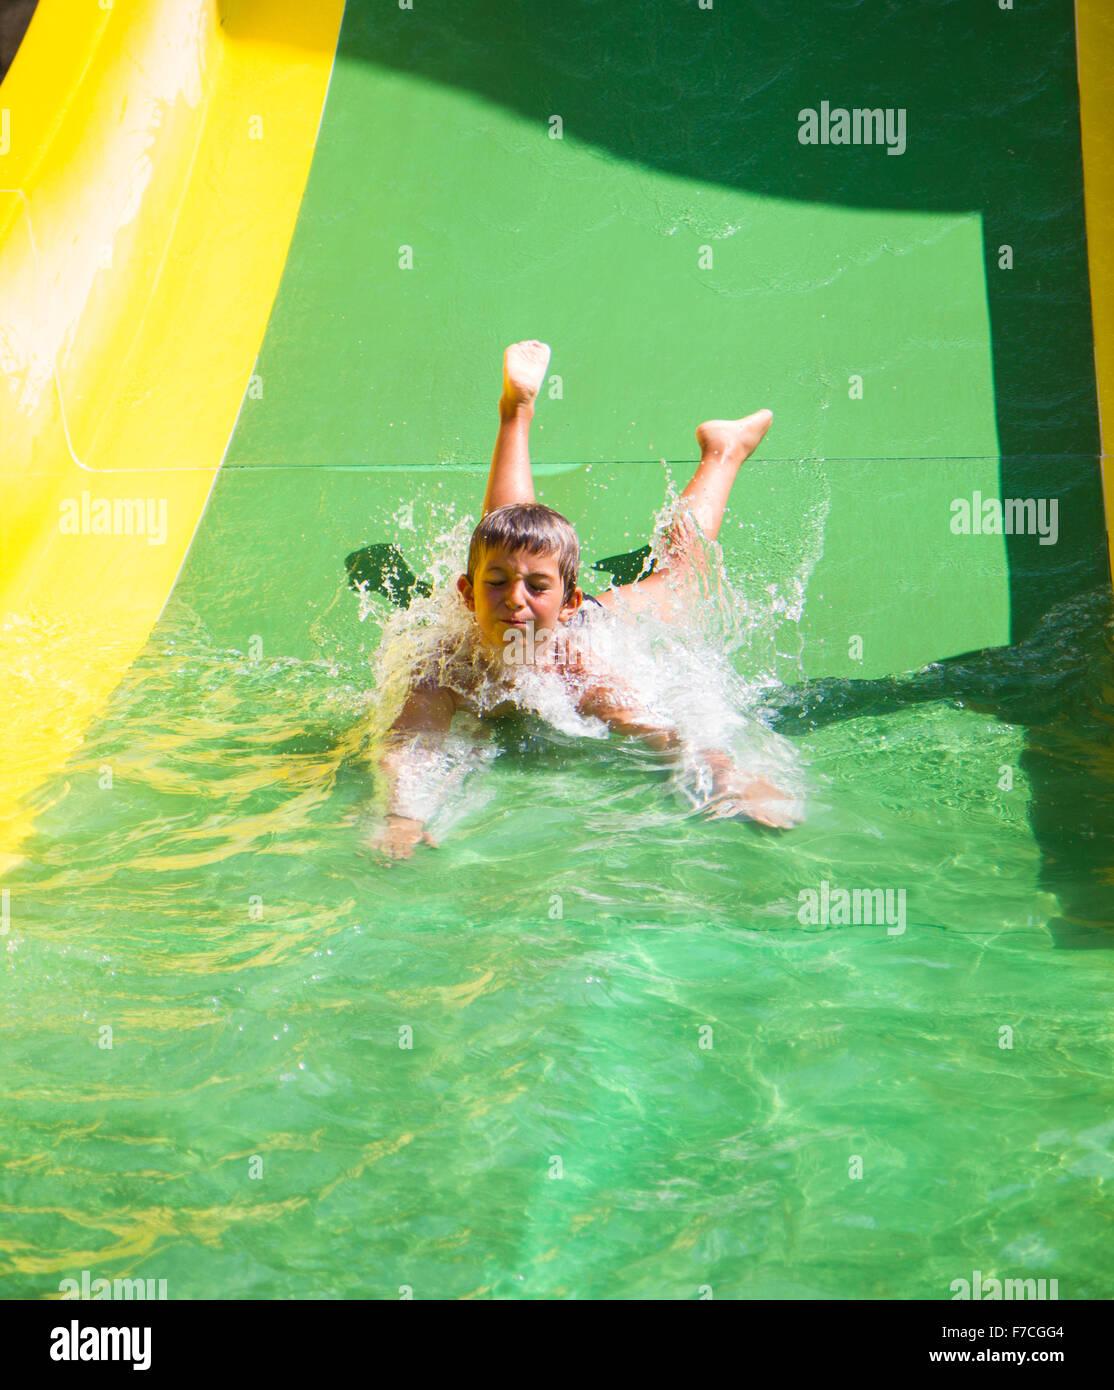 Enfant jouant sur l'eau glisser à amusement park Photo Stock